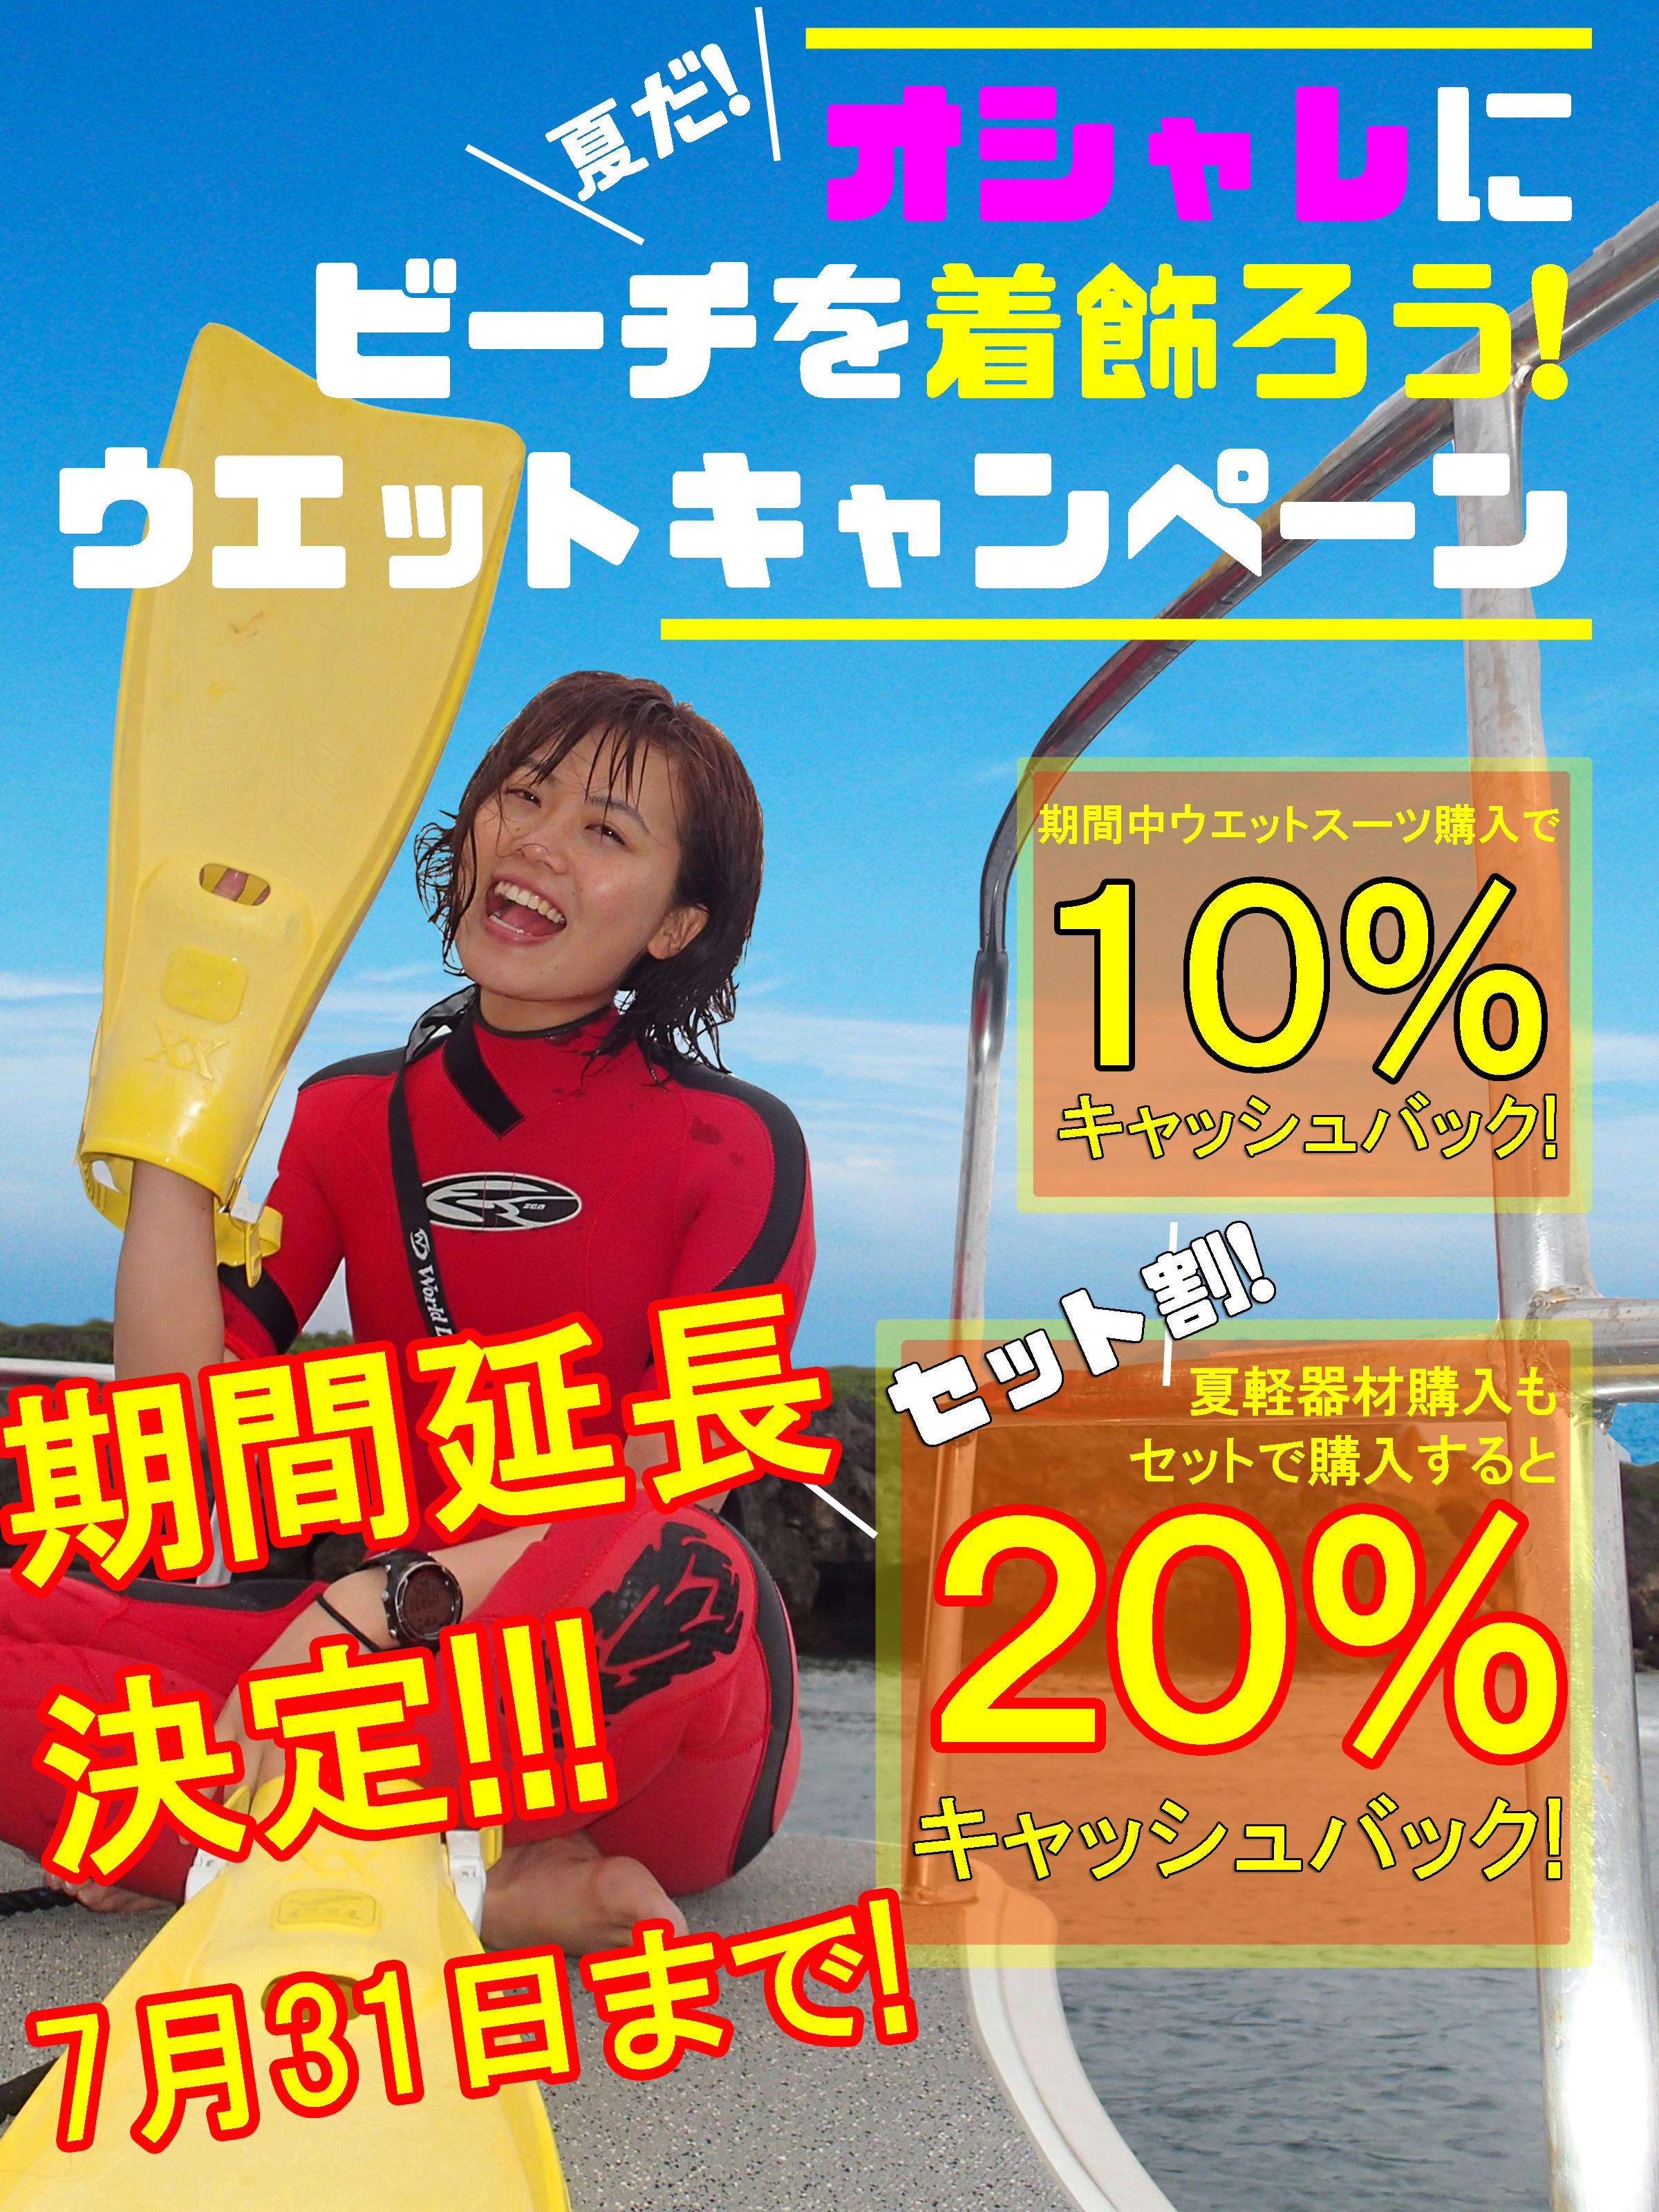 2016.5からキャンペーン